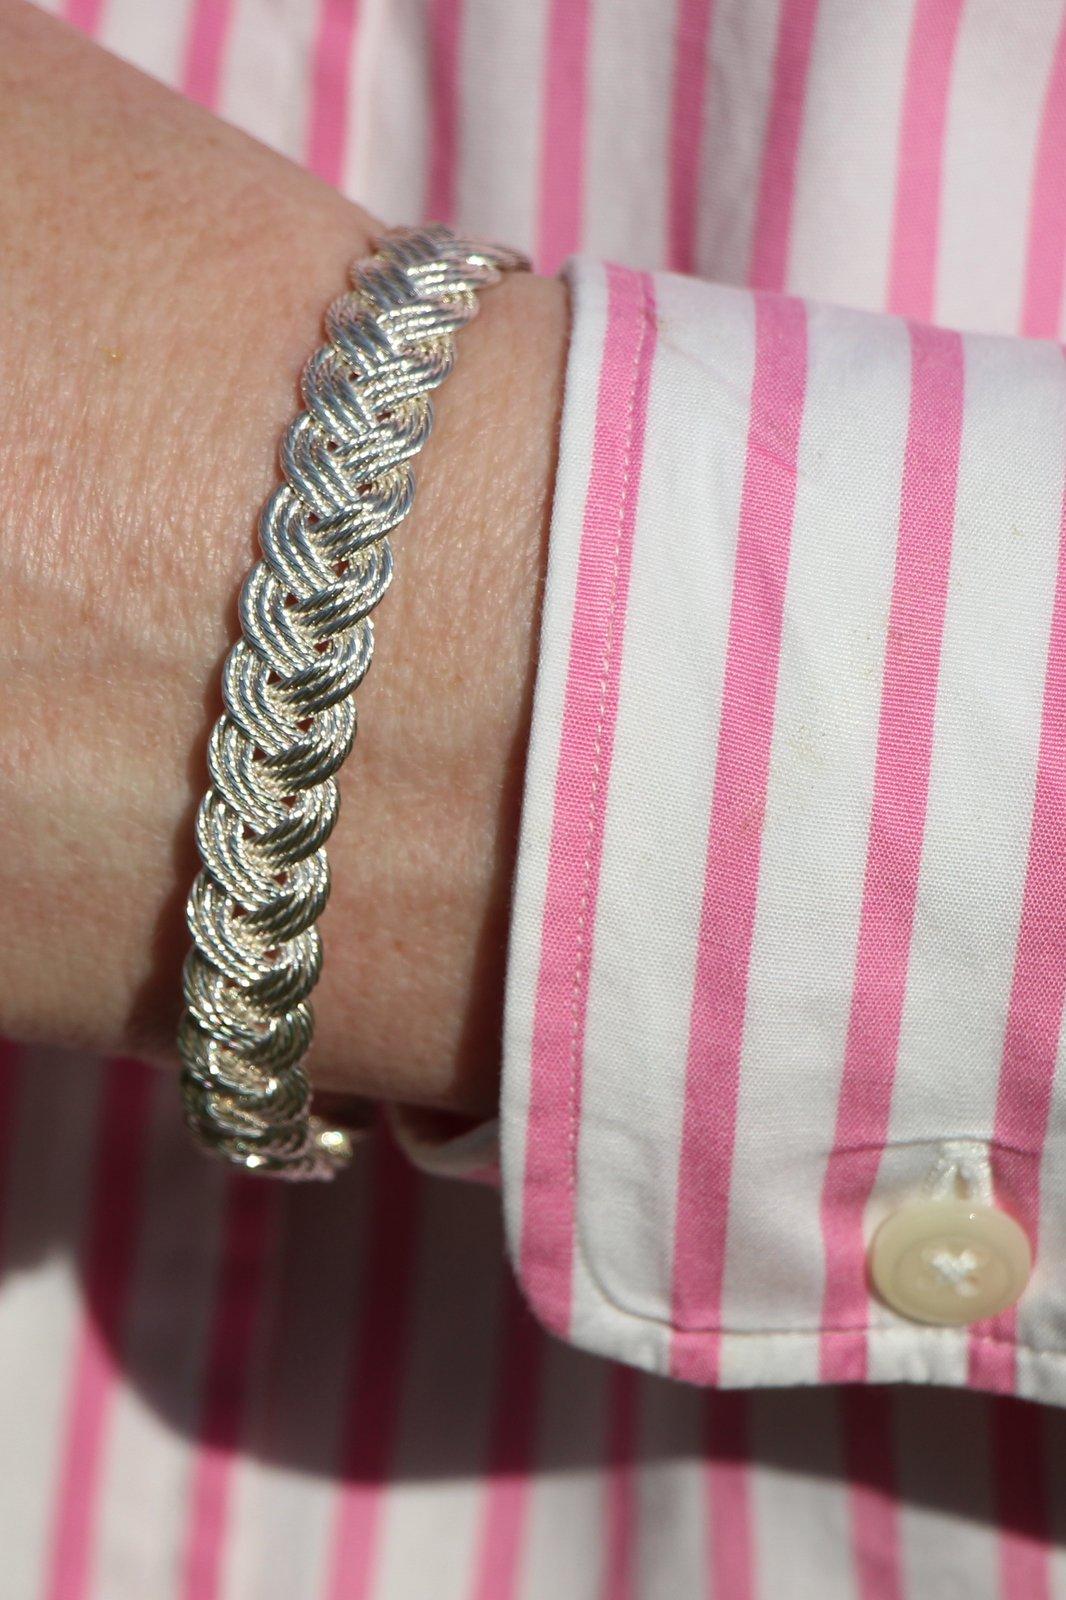 Sterling Turk S Head Bracelet From Tory Jewelry